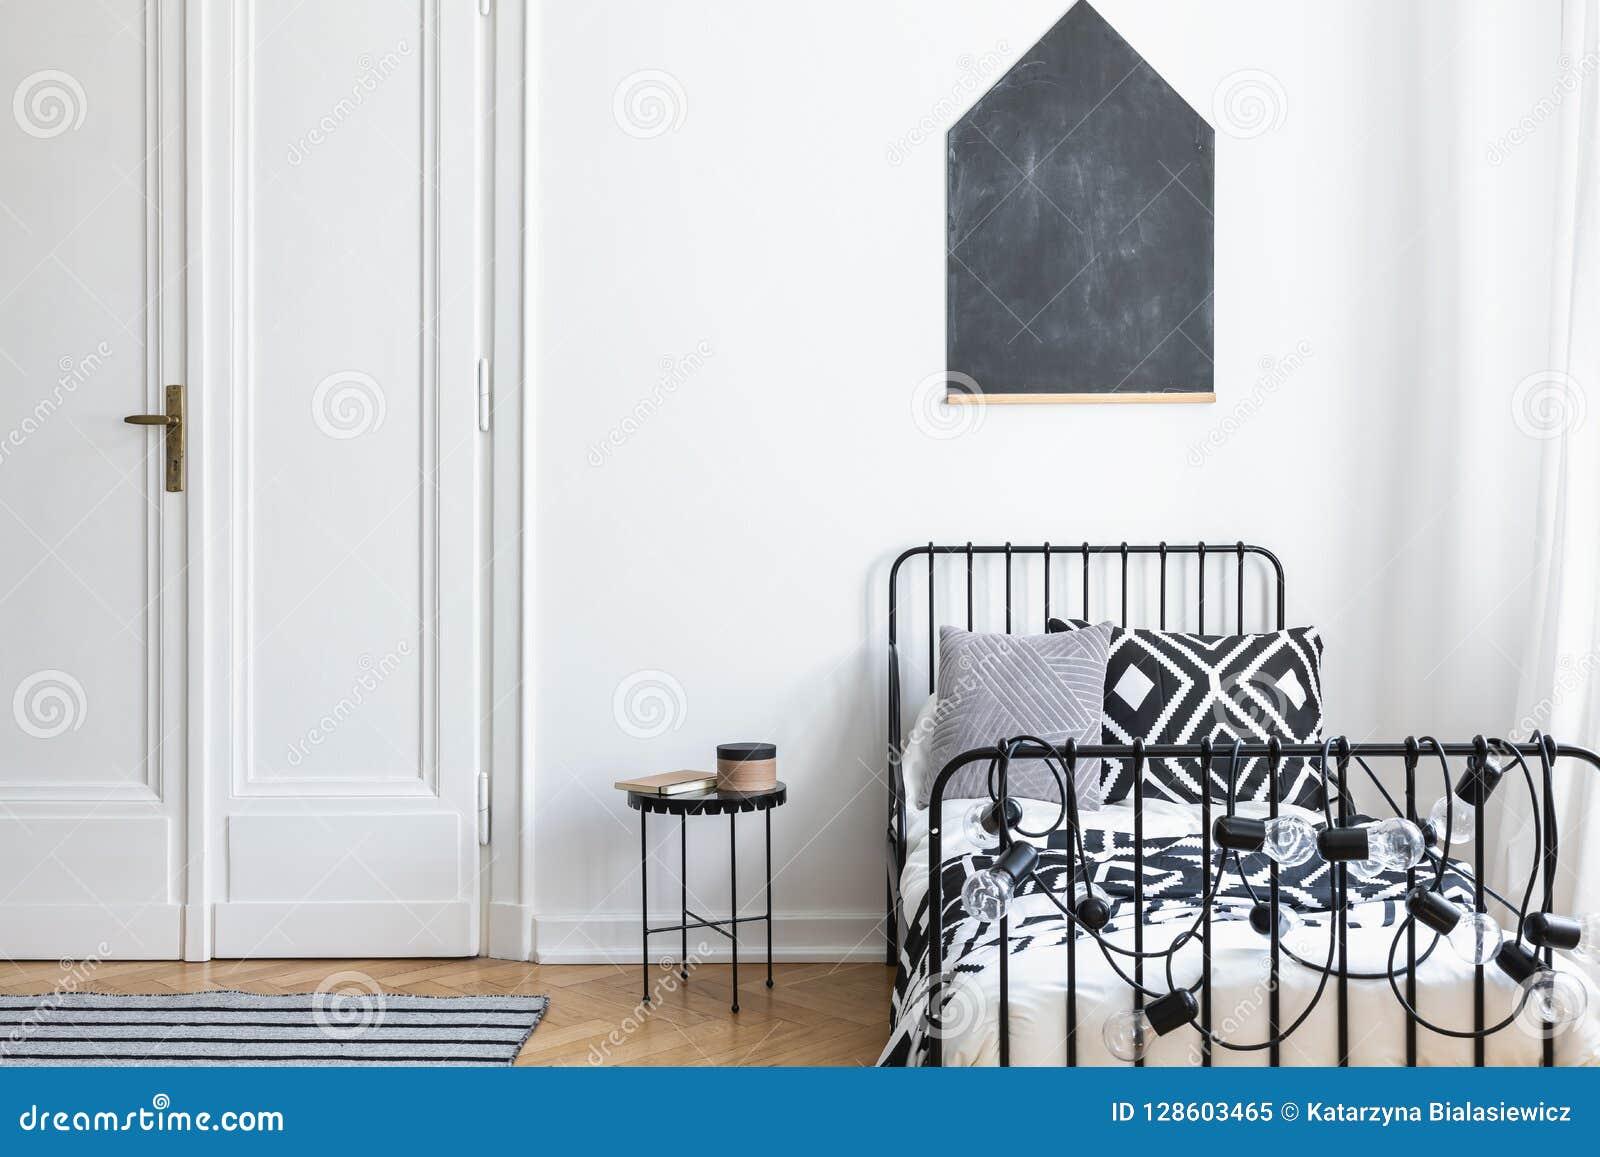 Czarny plakat na biel ścianie nad łóżko w prostym sypialni wnętrzu z drzwi i stołem